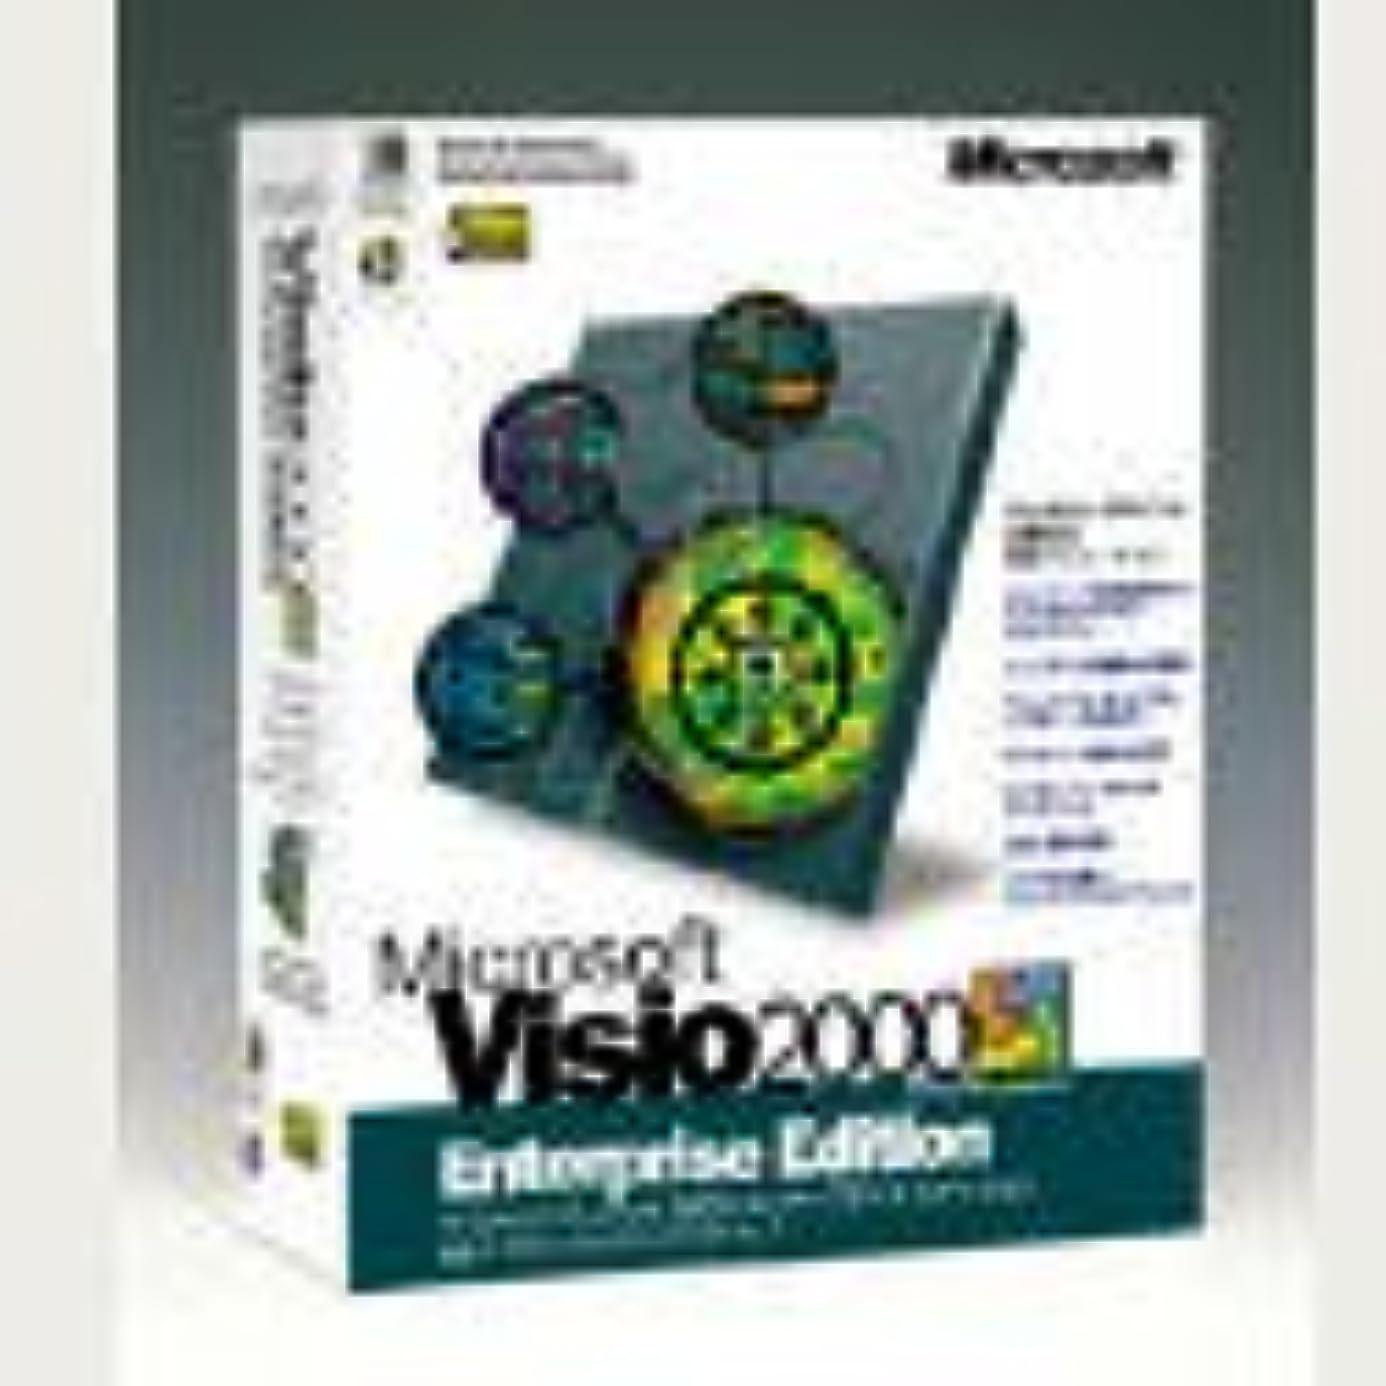 ドック用語集はい【旧商品】Visio2000 Enterprise Edition